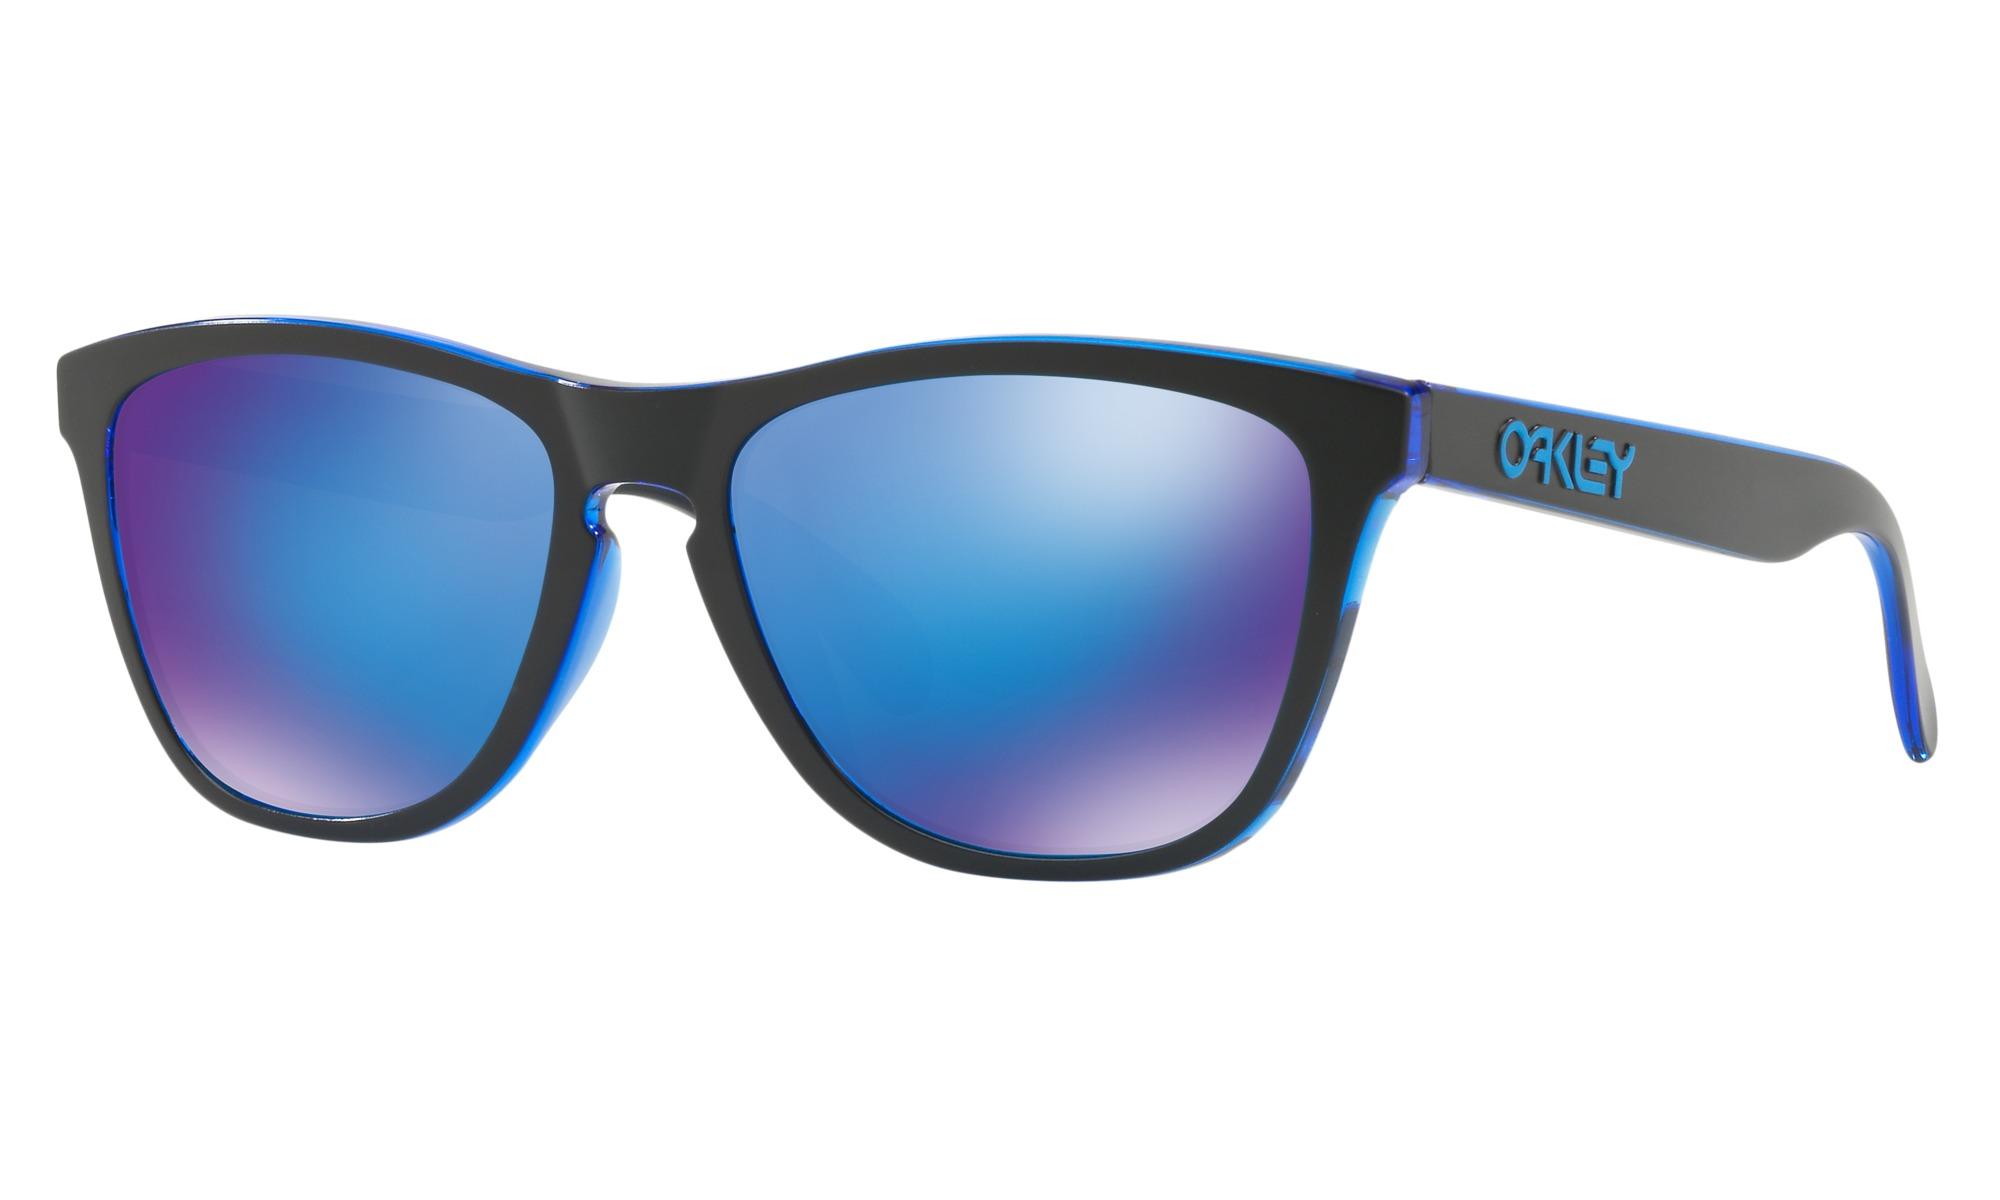 OAKLEY FROGSKINS OO9245-48 ECLIPSE BLUE (Asian fit)